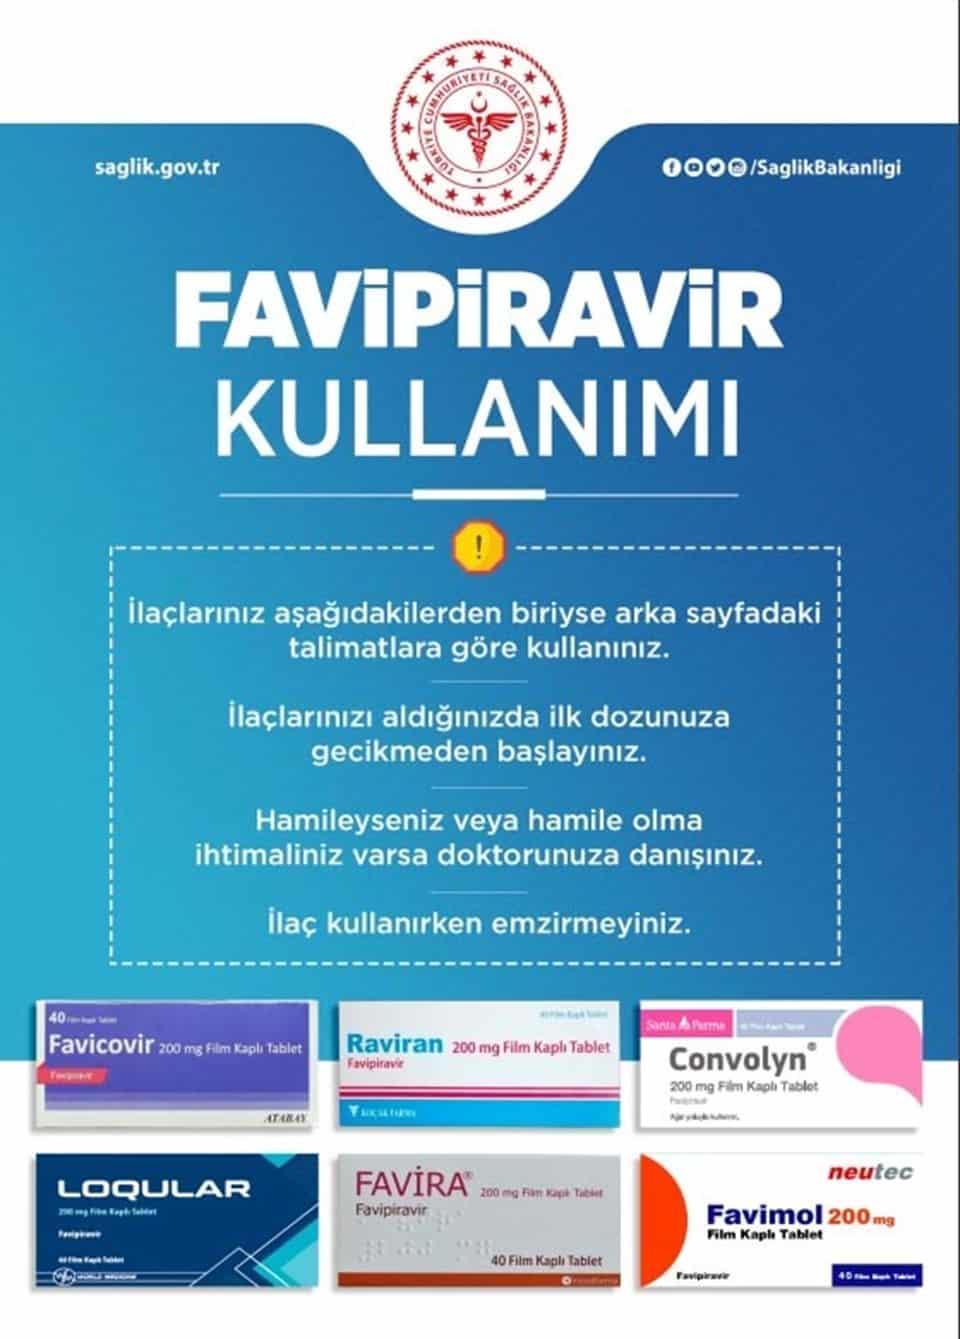 favipiravir ilaç kullanımı